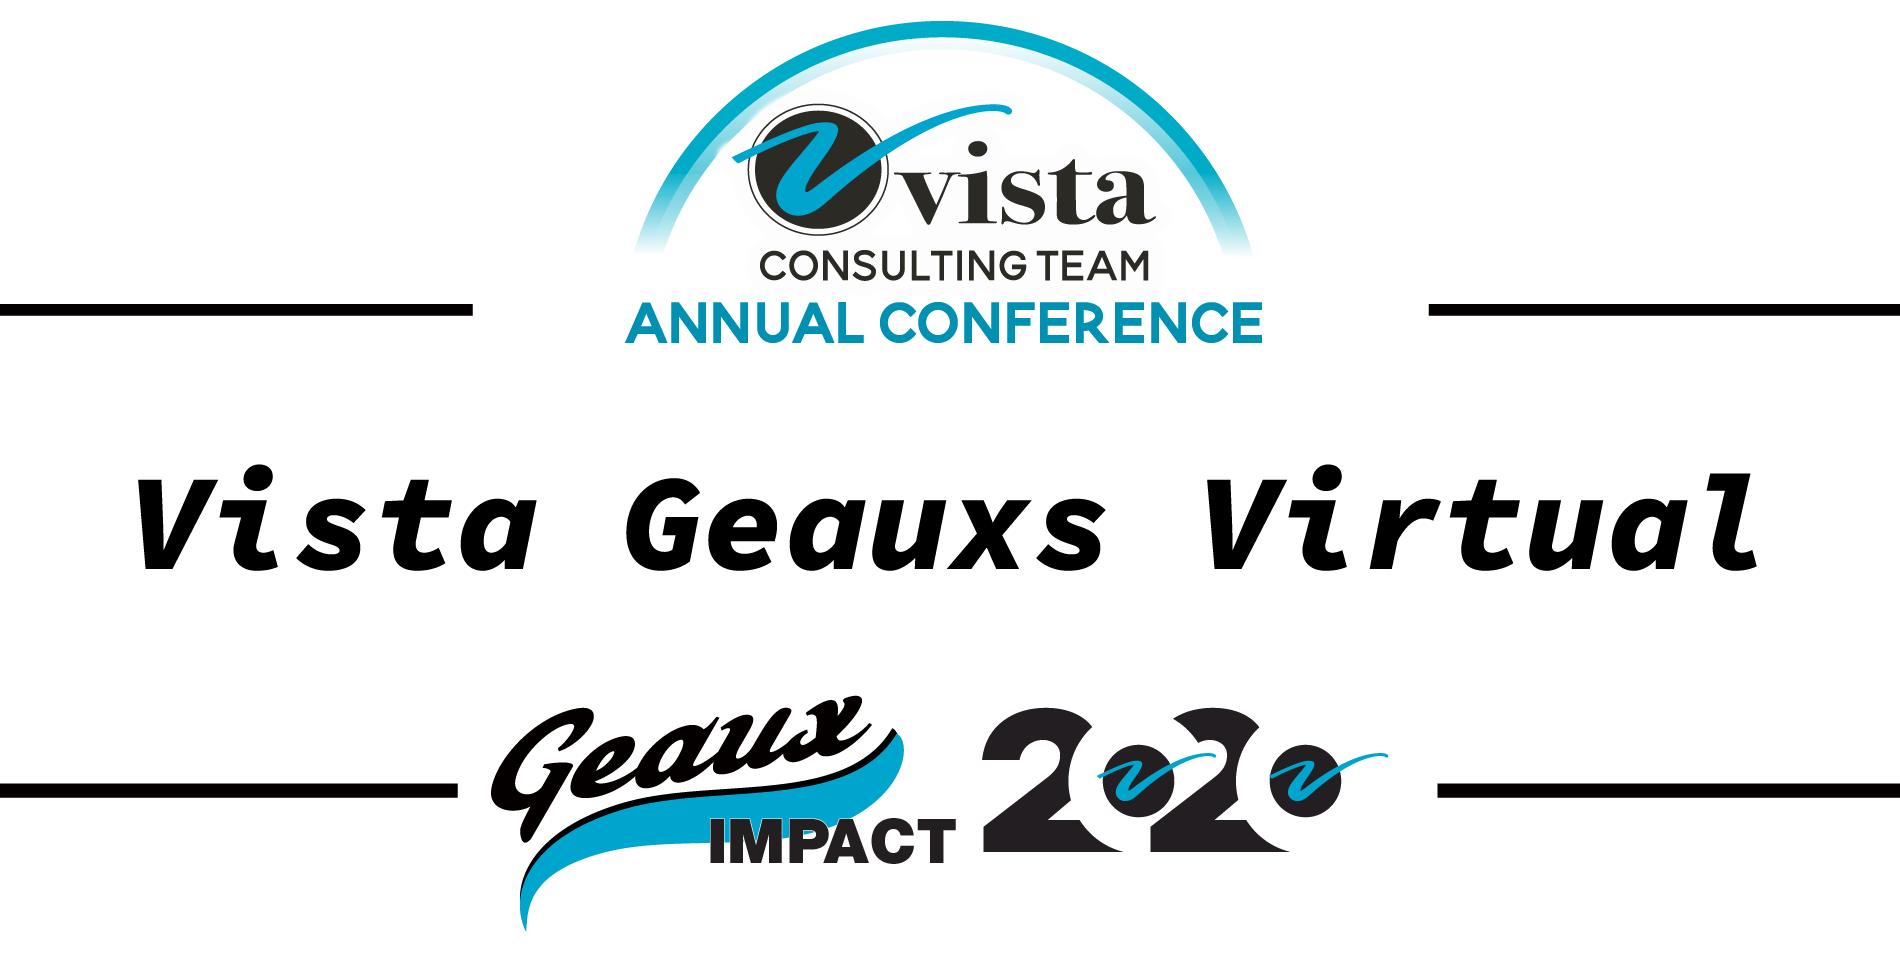 Geaux Impact 2020